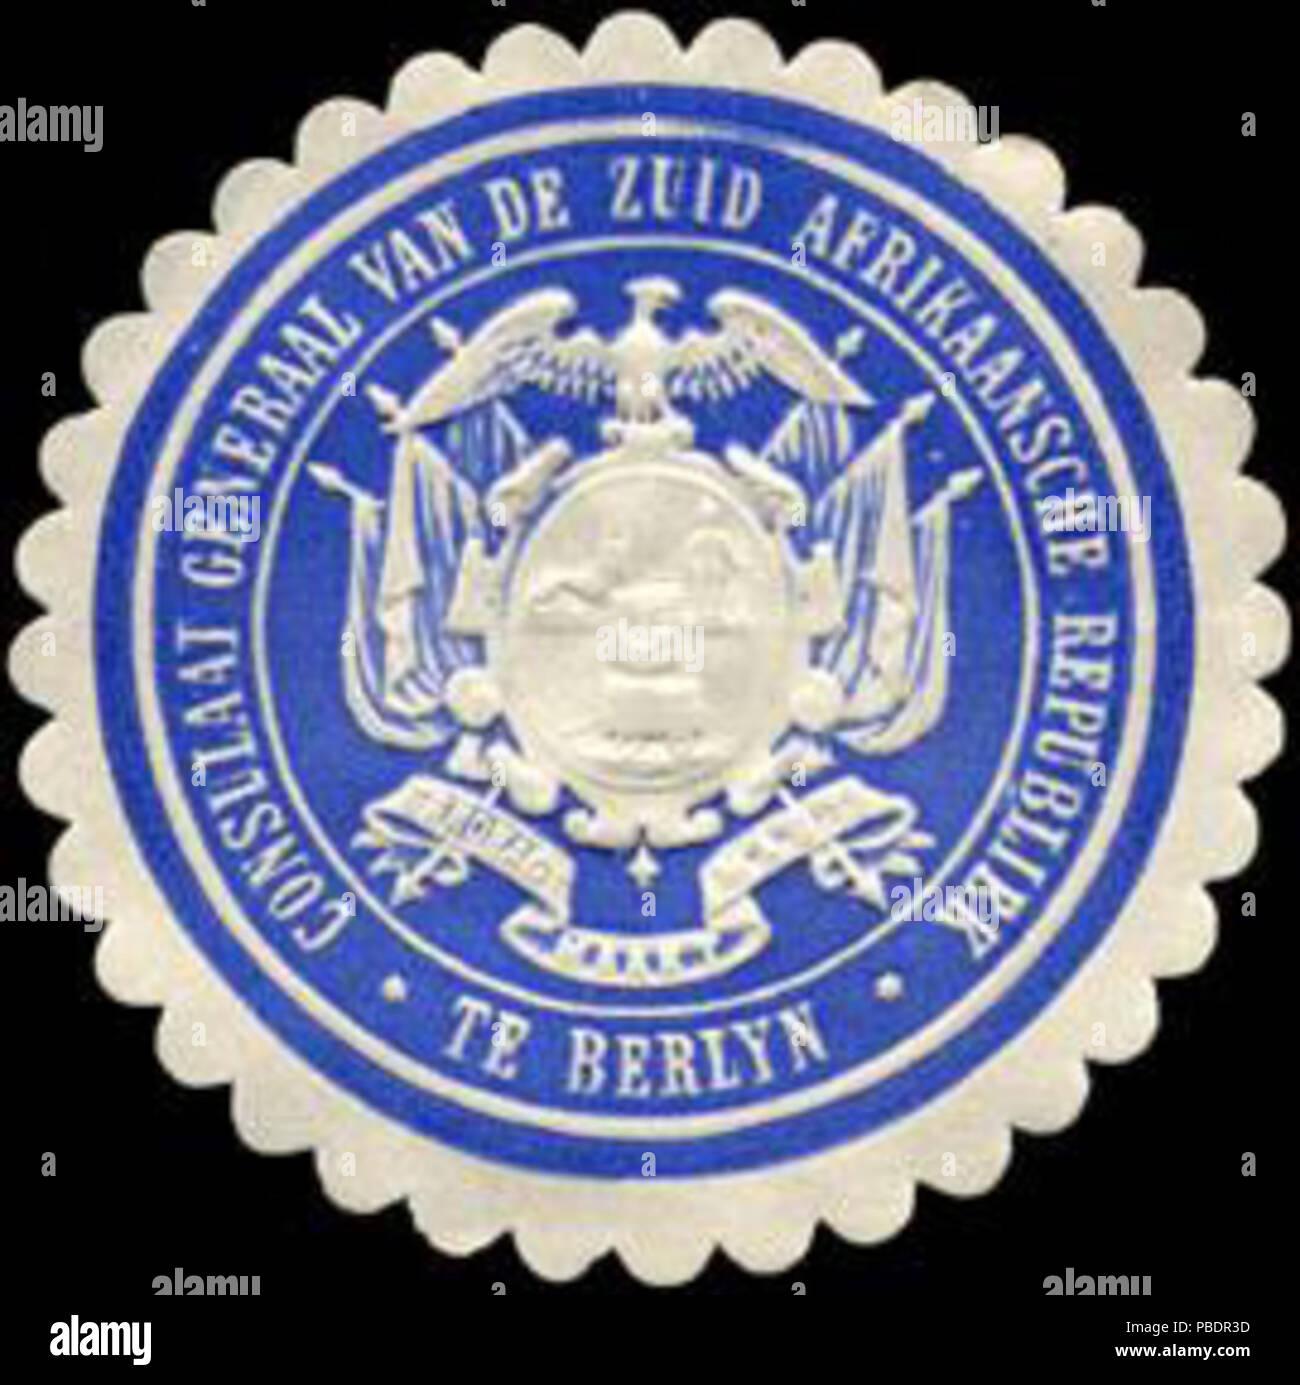 1334 Siegelmarke Consulaat General van de Zuid Afrikaansche Republiek te Berlyn W0223524 - Stock Image